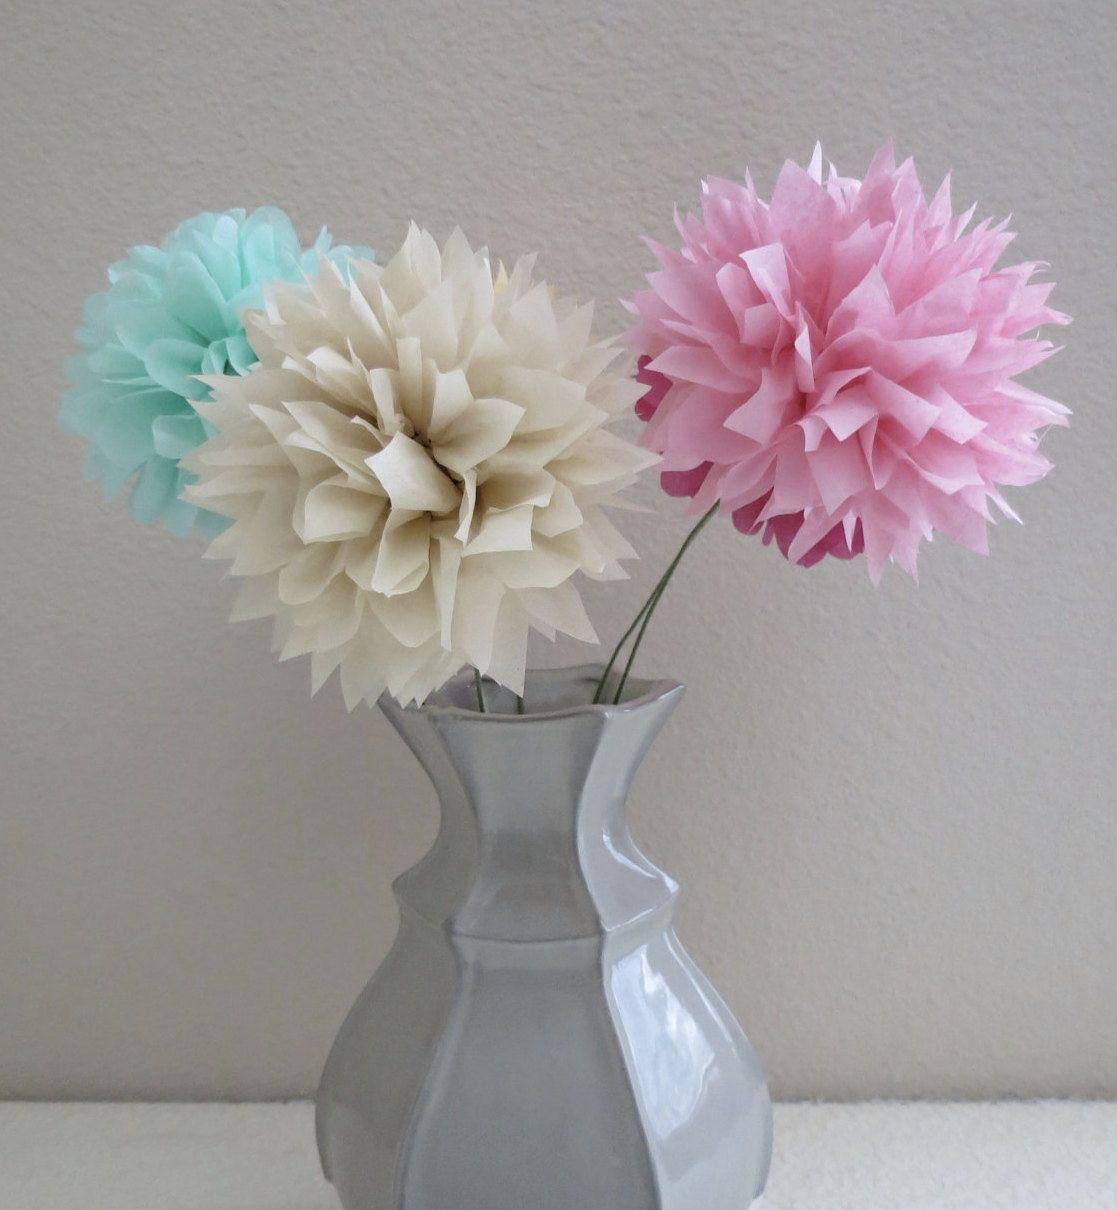 Paper Pom Pom Flower Stems 5 Piece Set Your Choice Of Colors